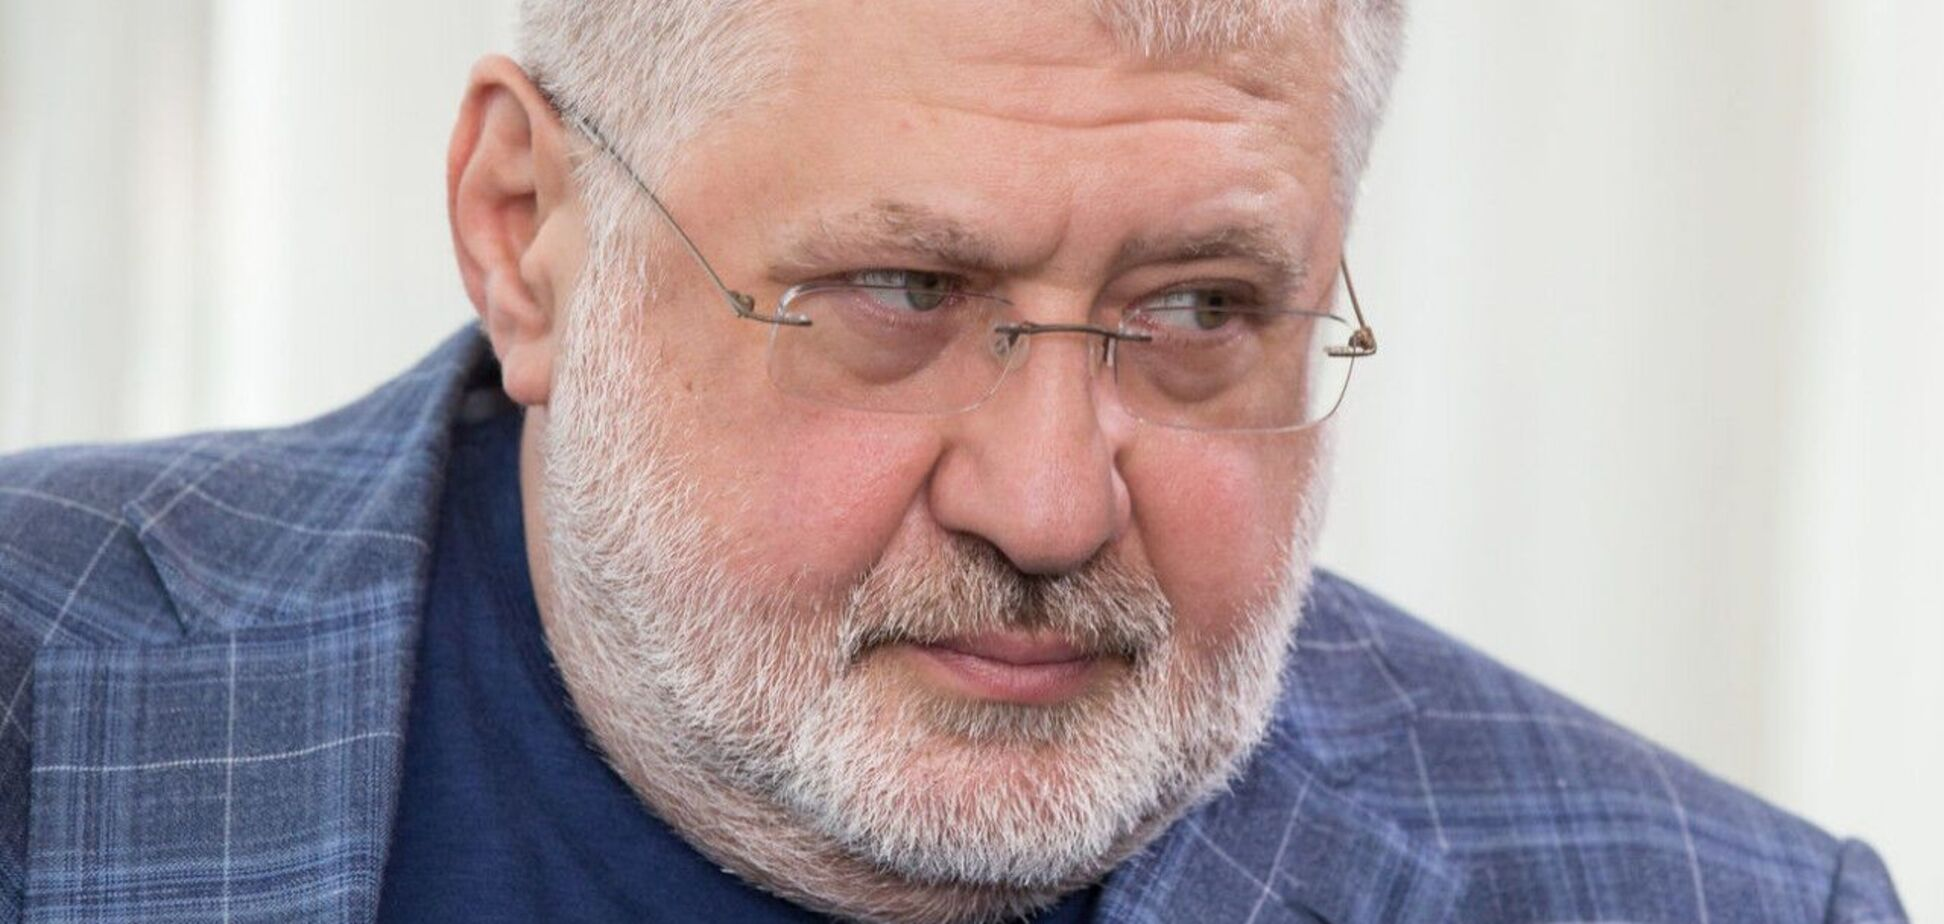 """Коломойський пропонує конфіскувати майно олігархів, що підтримують терористів. """"Чому одні повинні вмирати за свою країну, а інші продовжувати жирувати?"""""""